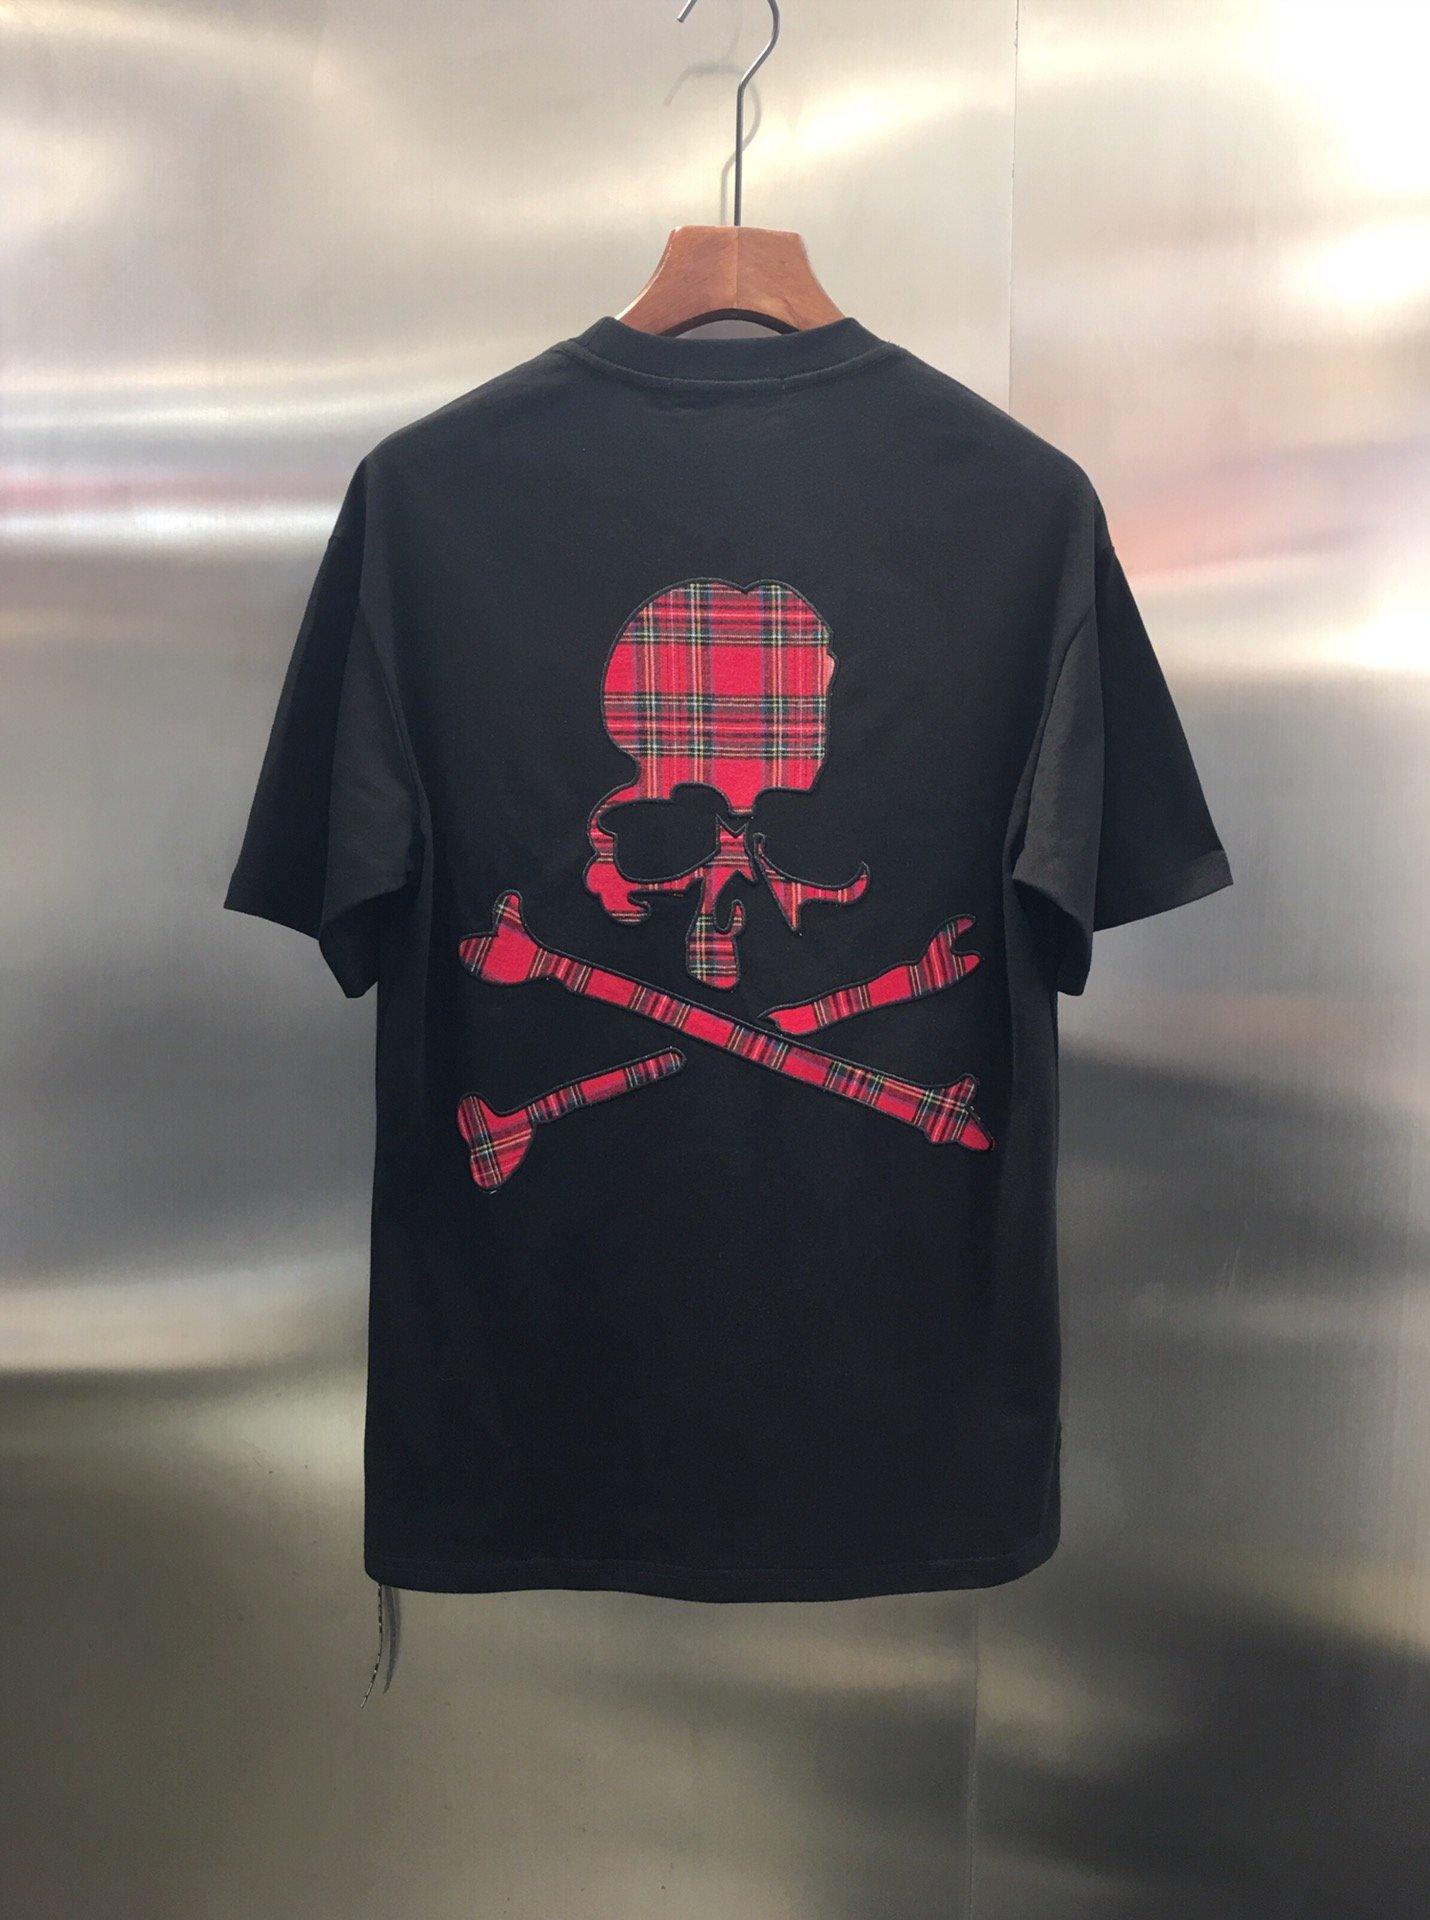 20ss футболка Mastermind 11 высокое качество Япония большой красный череп ммдж футболка уличная harajuku xxxtentacion Mastermind футболки